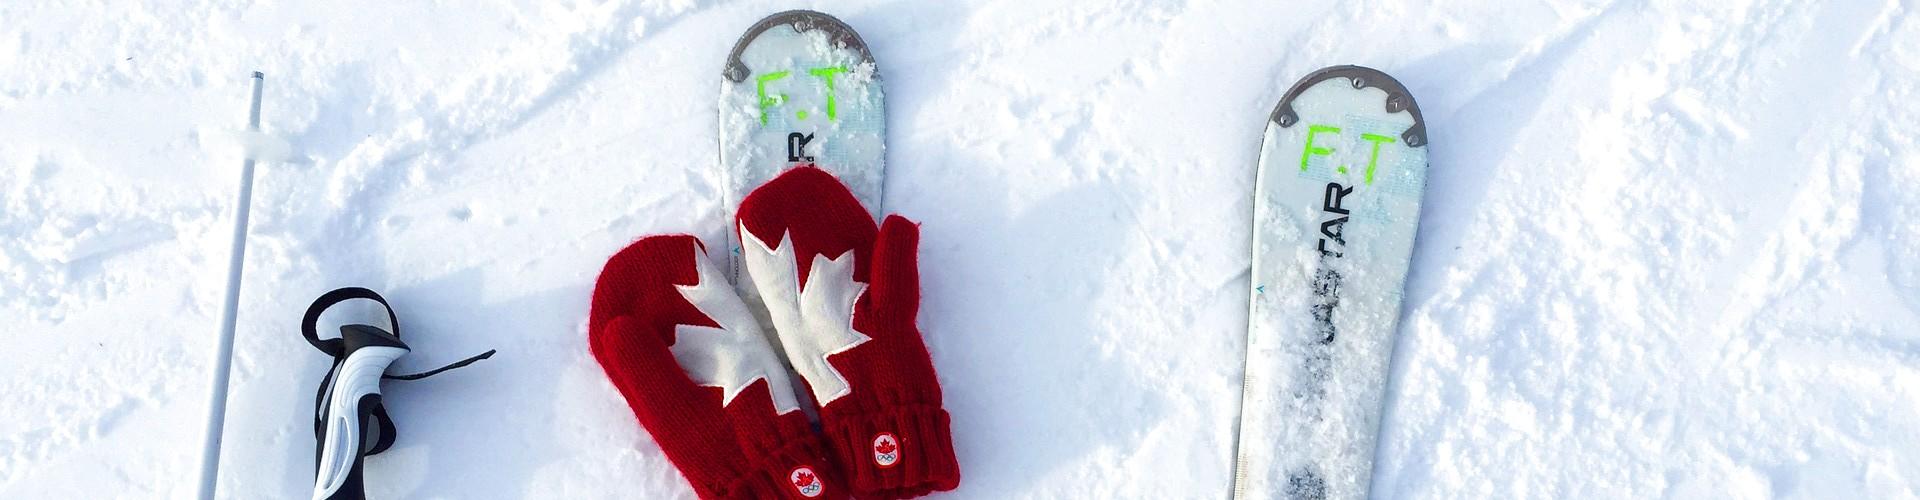 Skiurlaub in Kanada von Calgary bis Banff